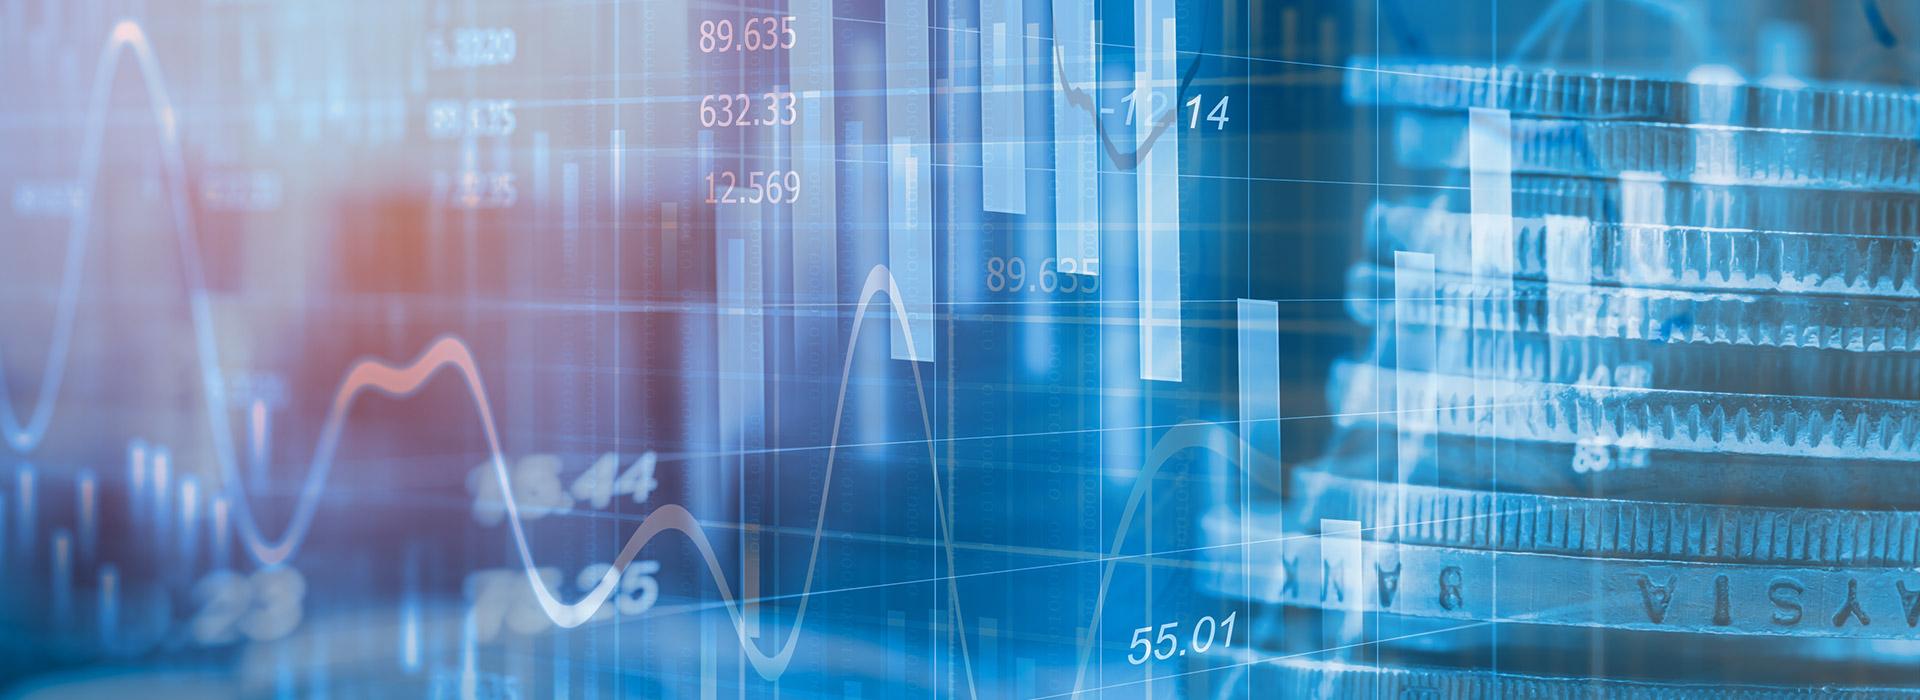 Mercado de Valores en Periodos Inflacionarios